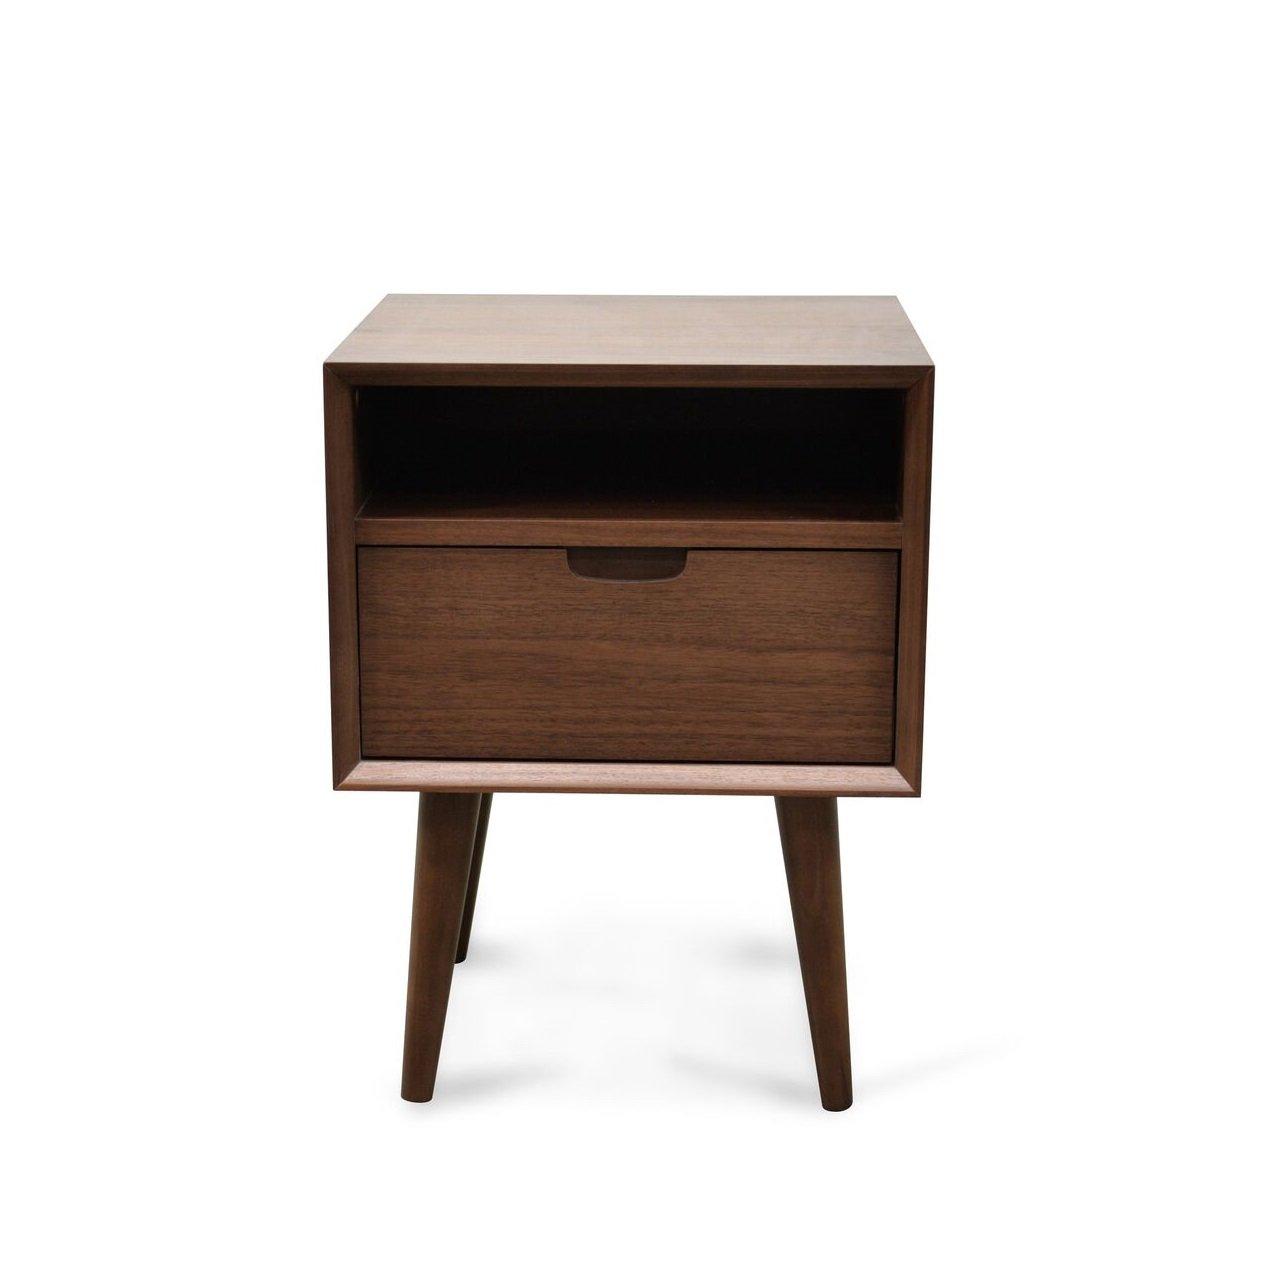 Bedroom furniture side tables the interior designer for Bedroom furniture afterpay